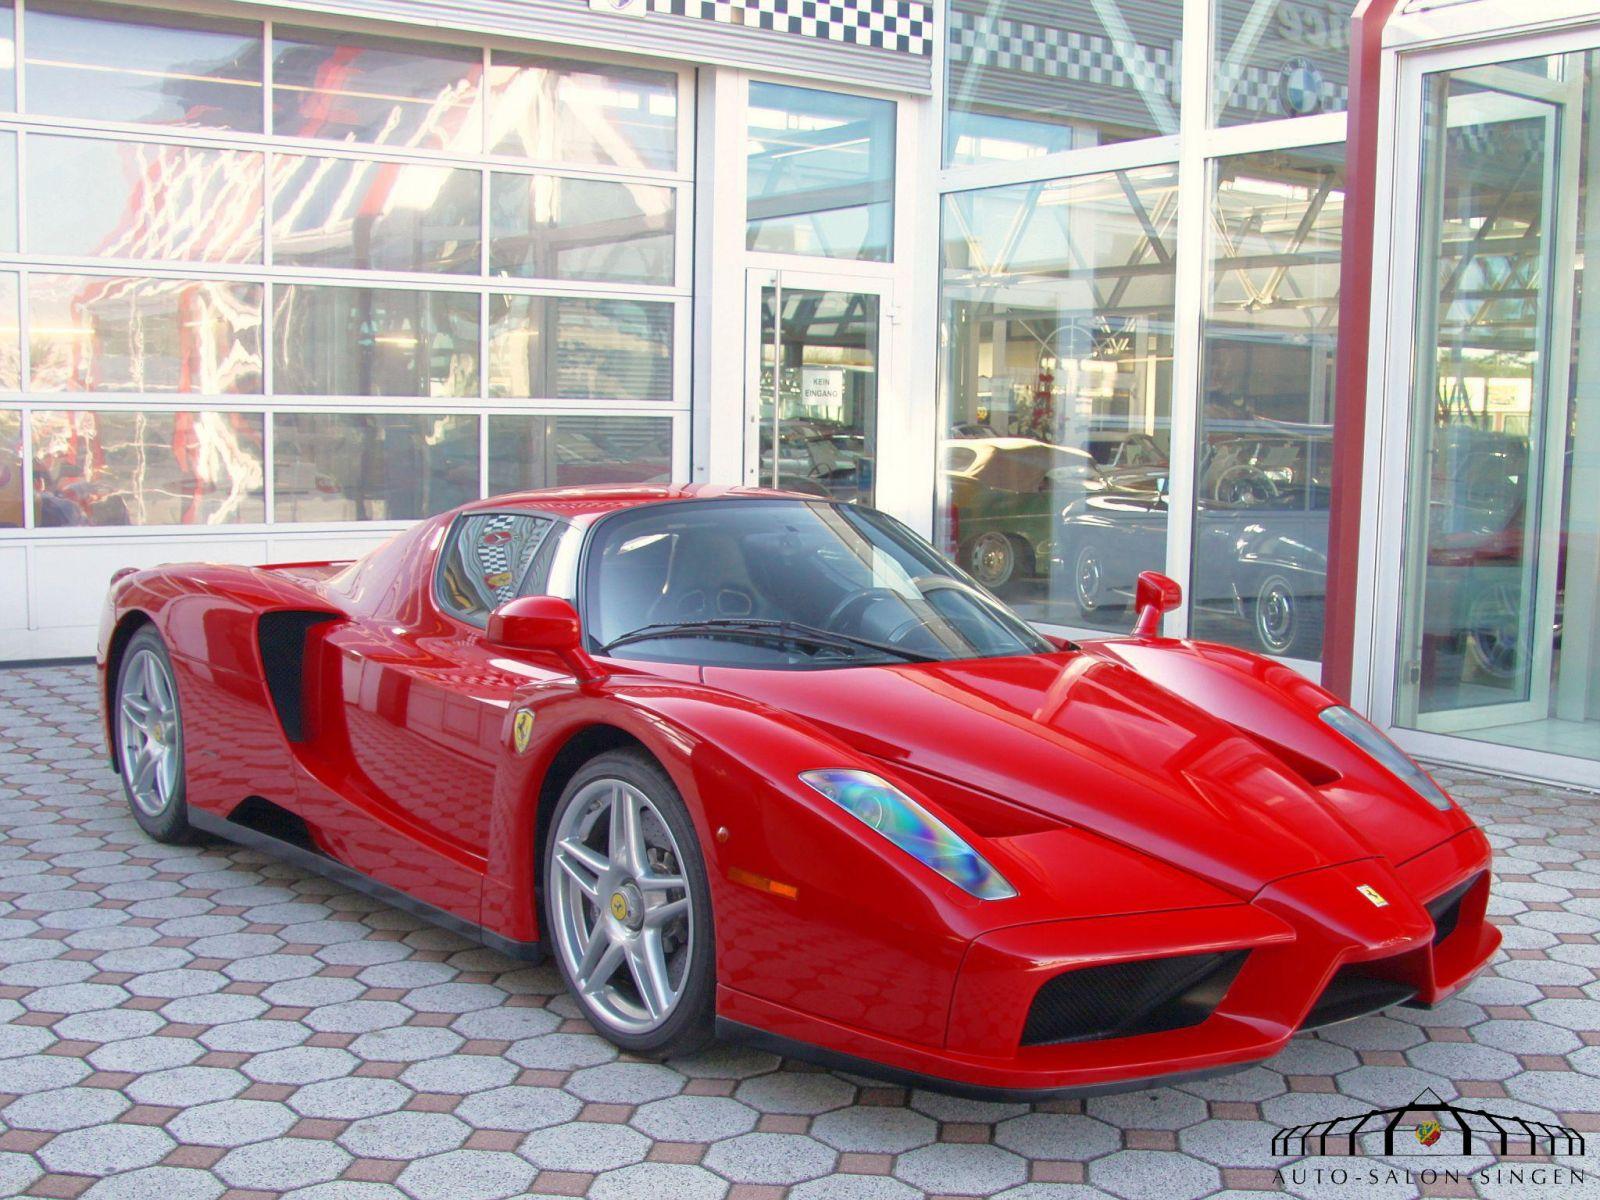 Ferrari Enzo Ferrari Coupé Auto Salon Singen